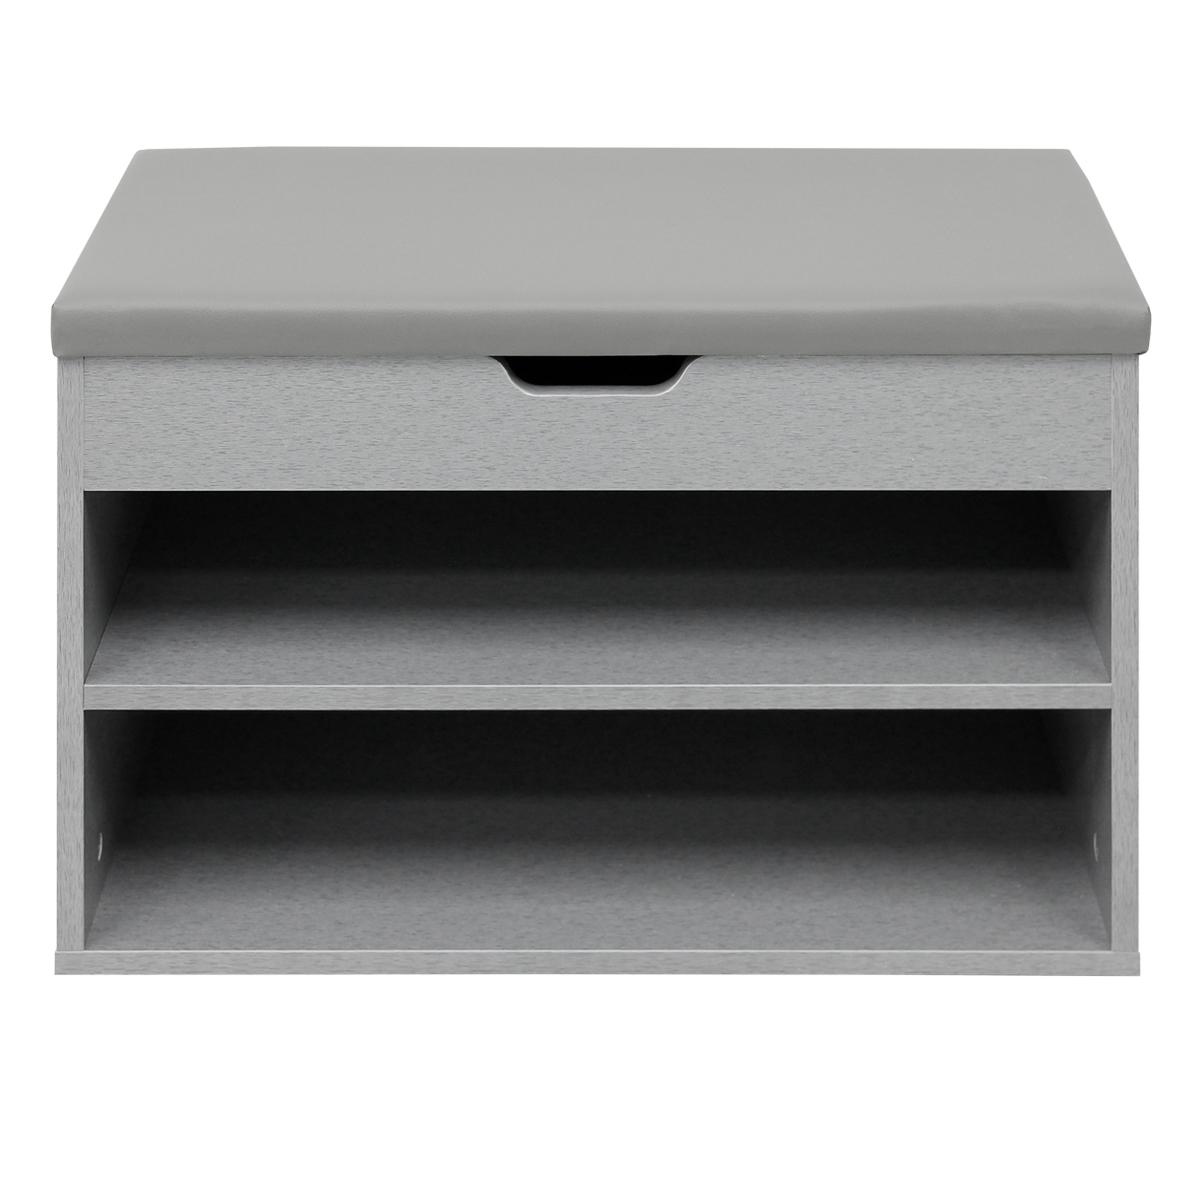 Details zu Armoire chaussures banc de rangement + coussin meuble d\'entrée  organisateur